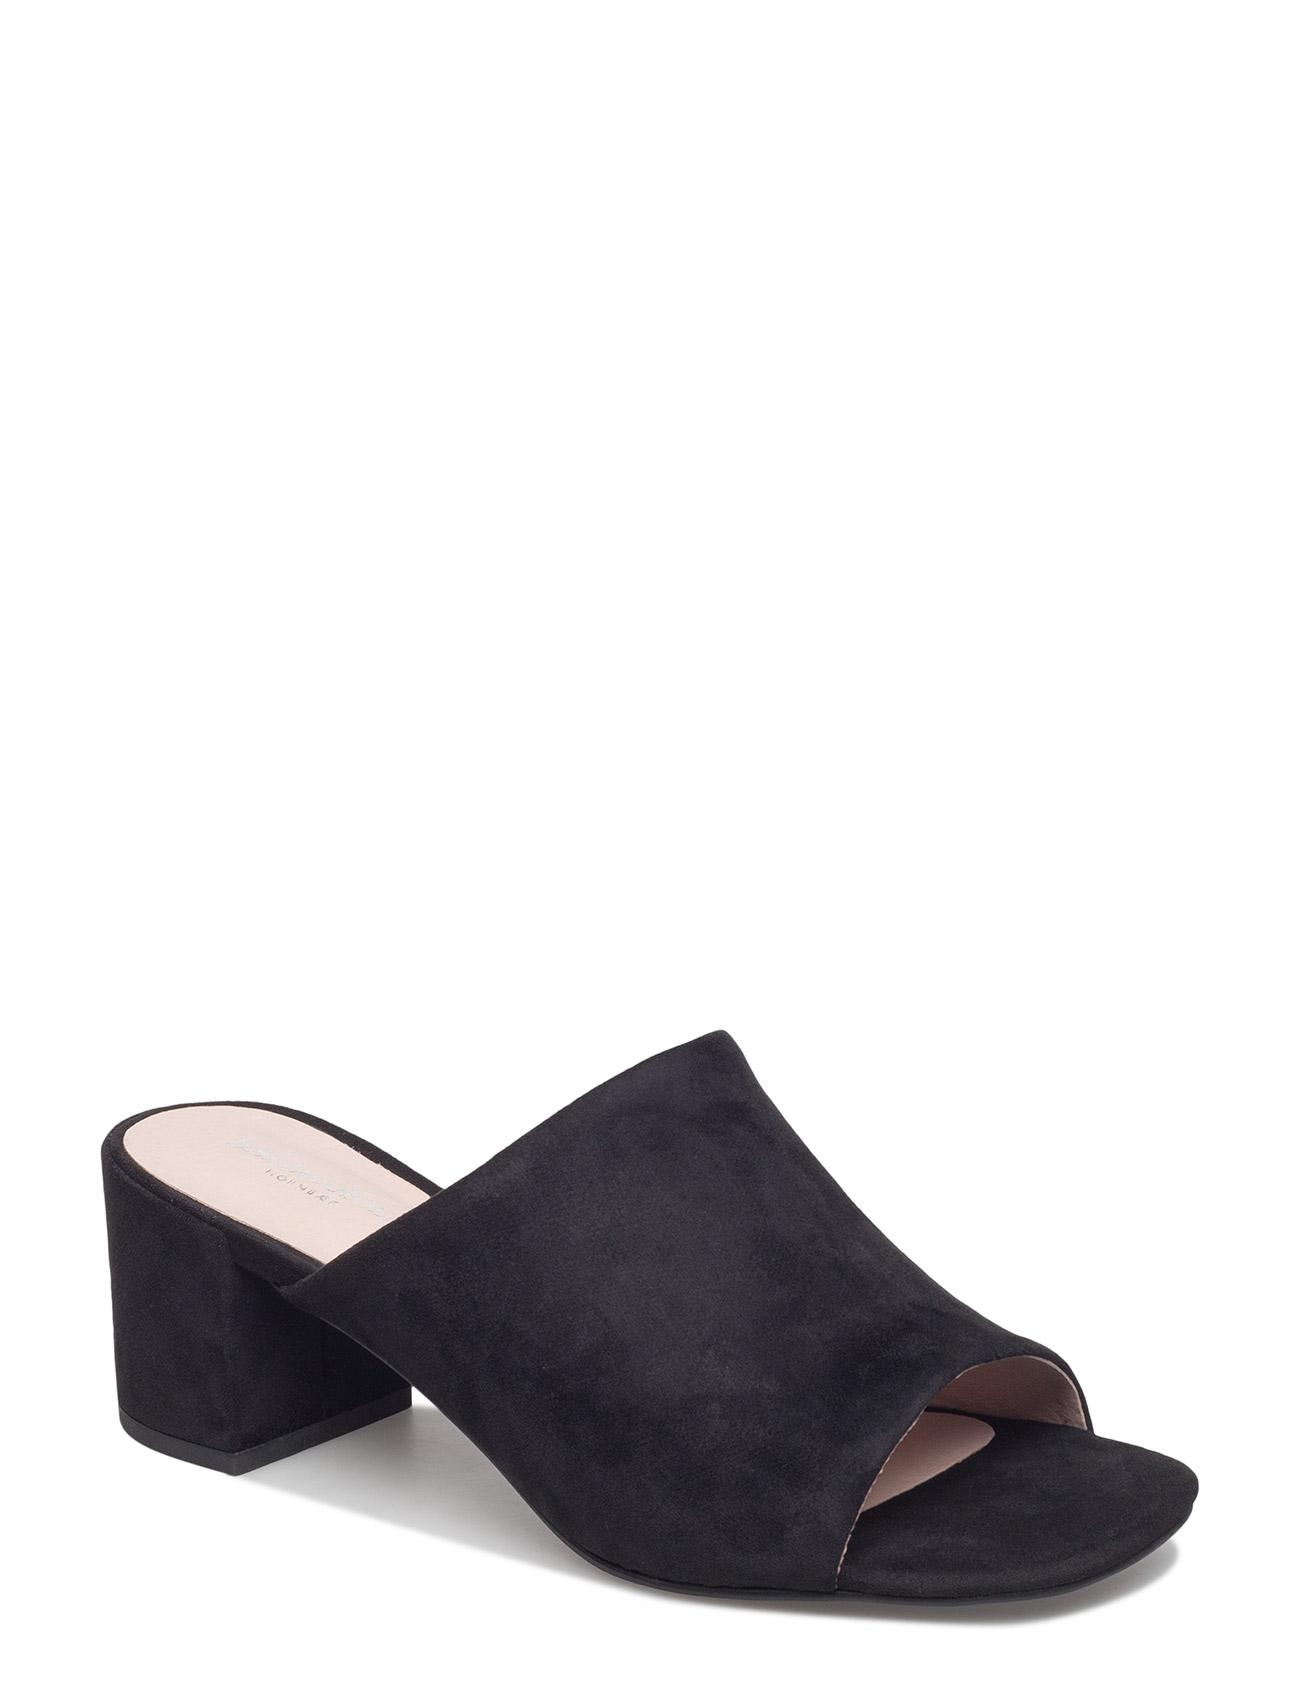 0158dfc7863 Sort Ilse Jacobsen Pumps højhælede sandaler for dame - Pashion.dk